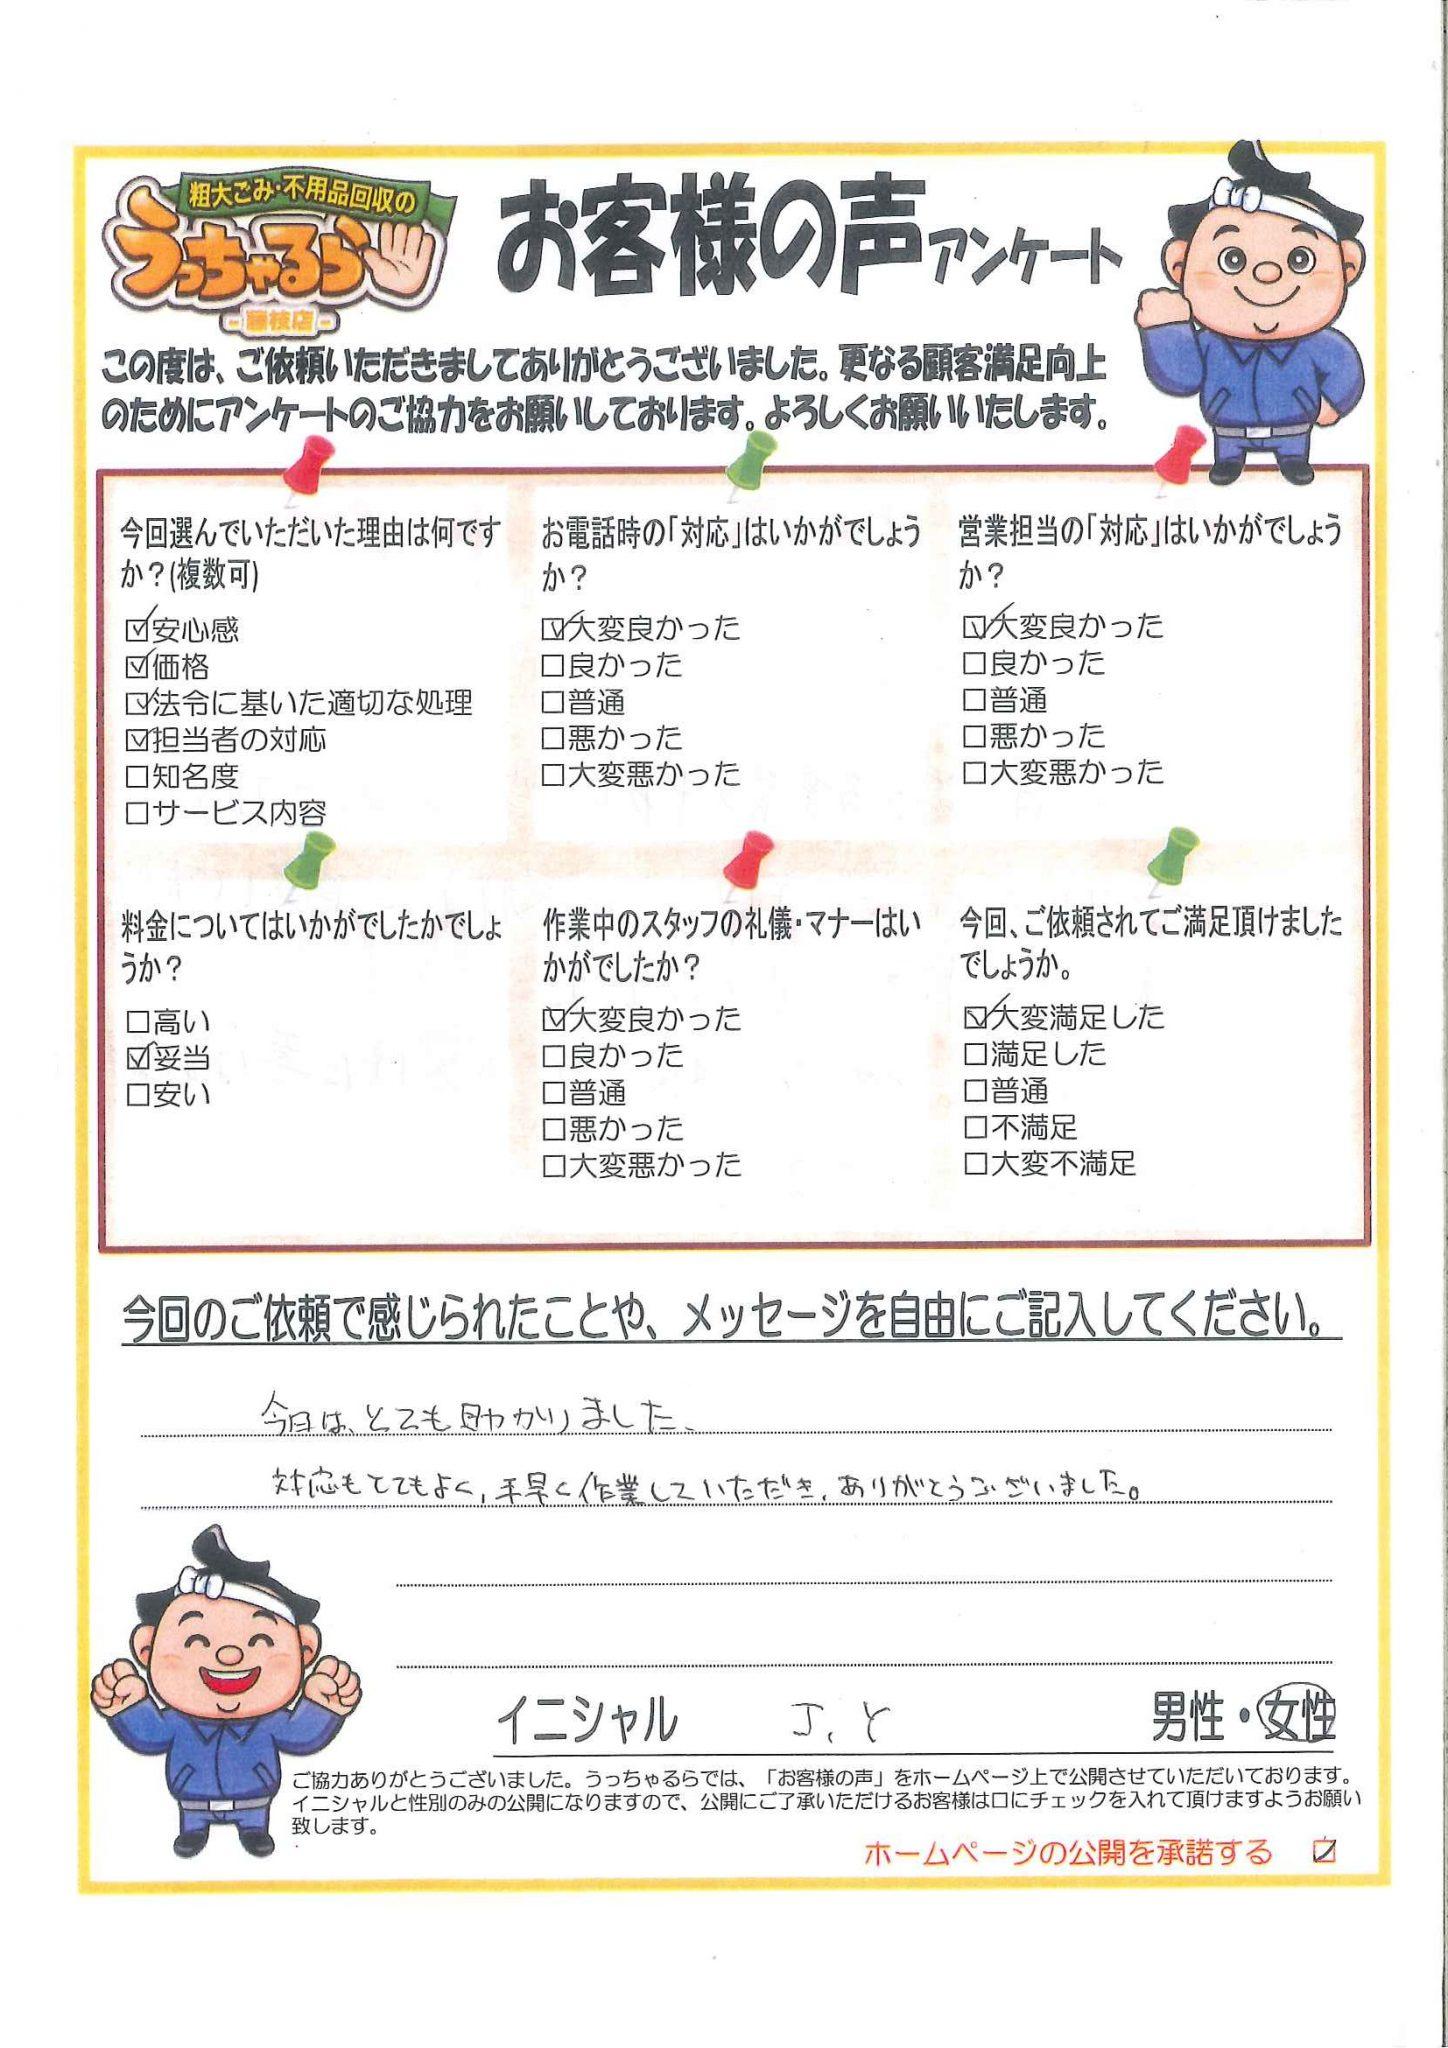 藤枝市 J・Y様